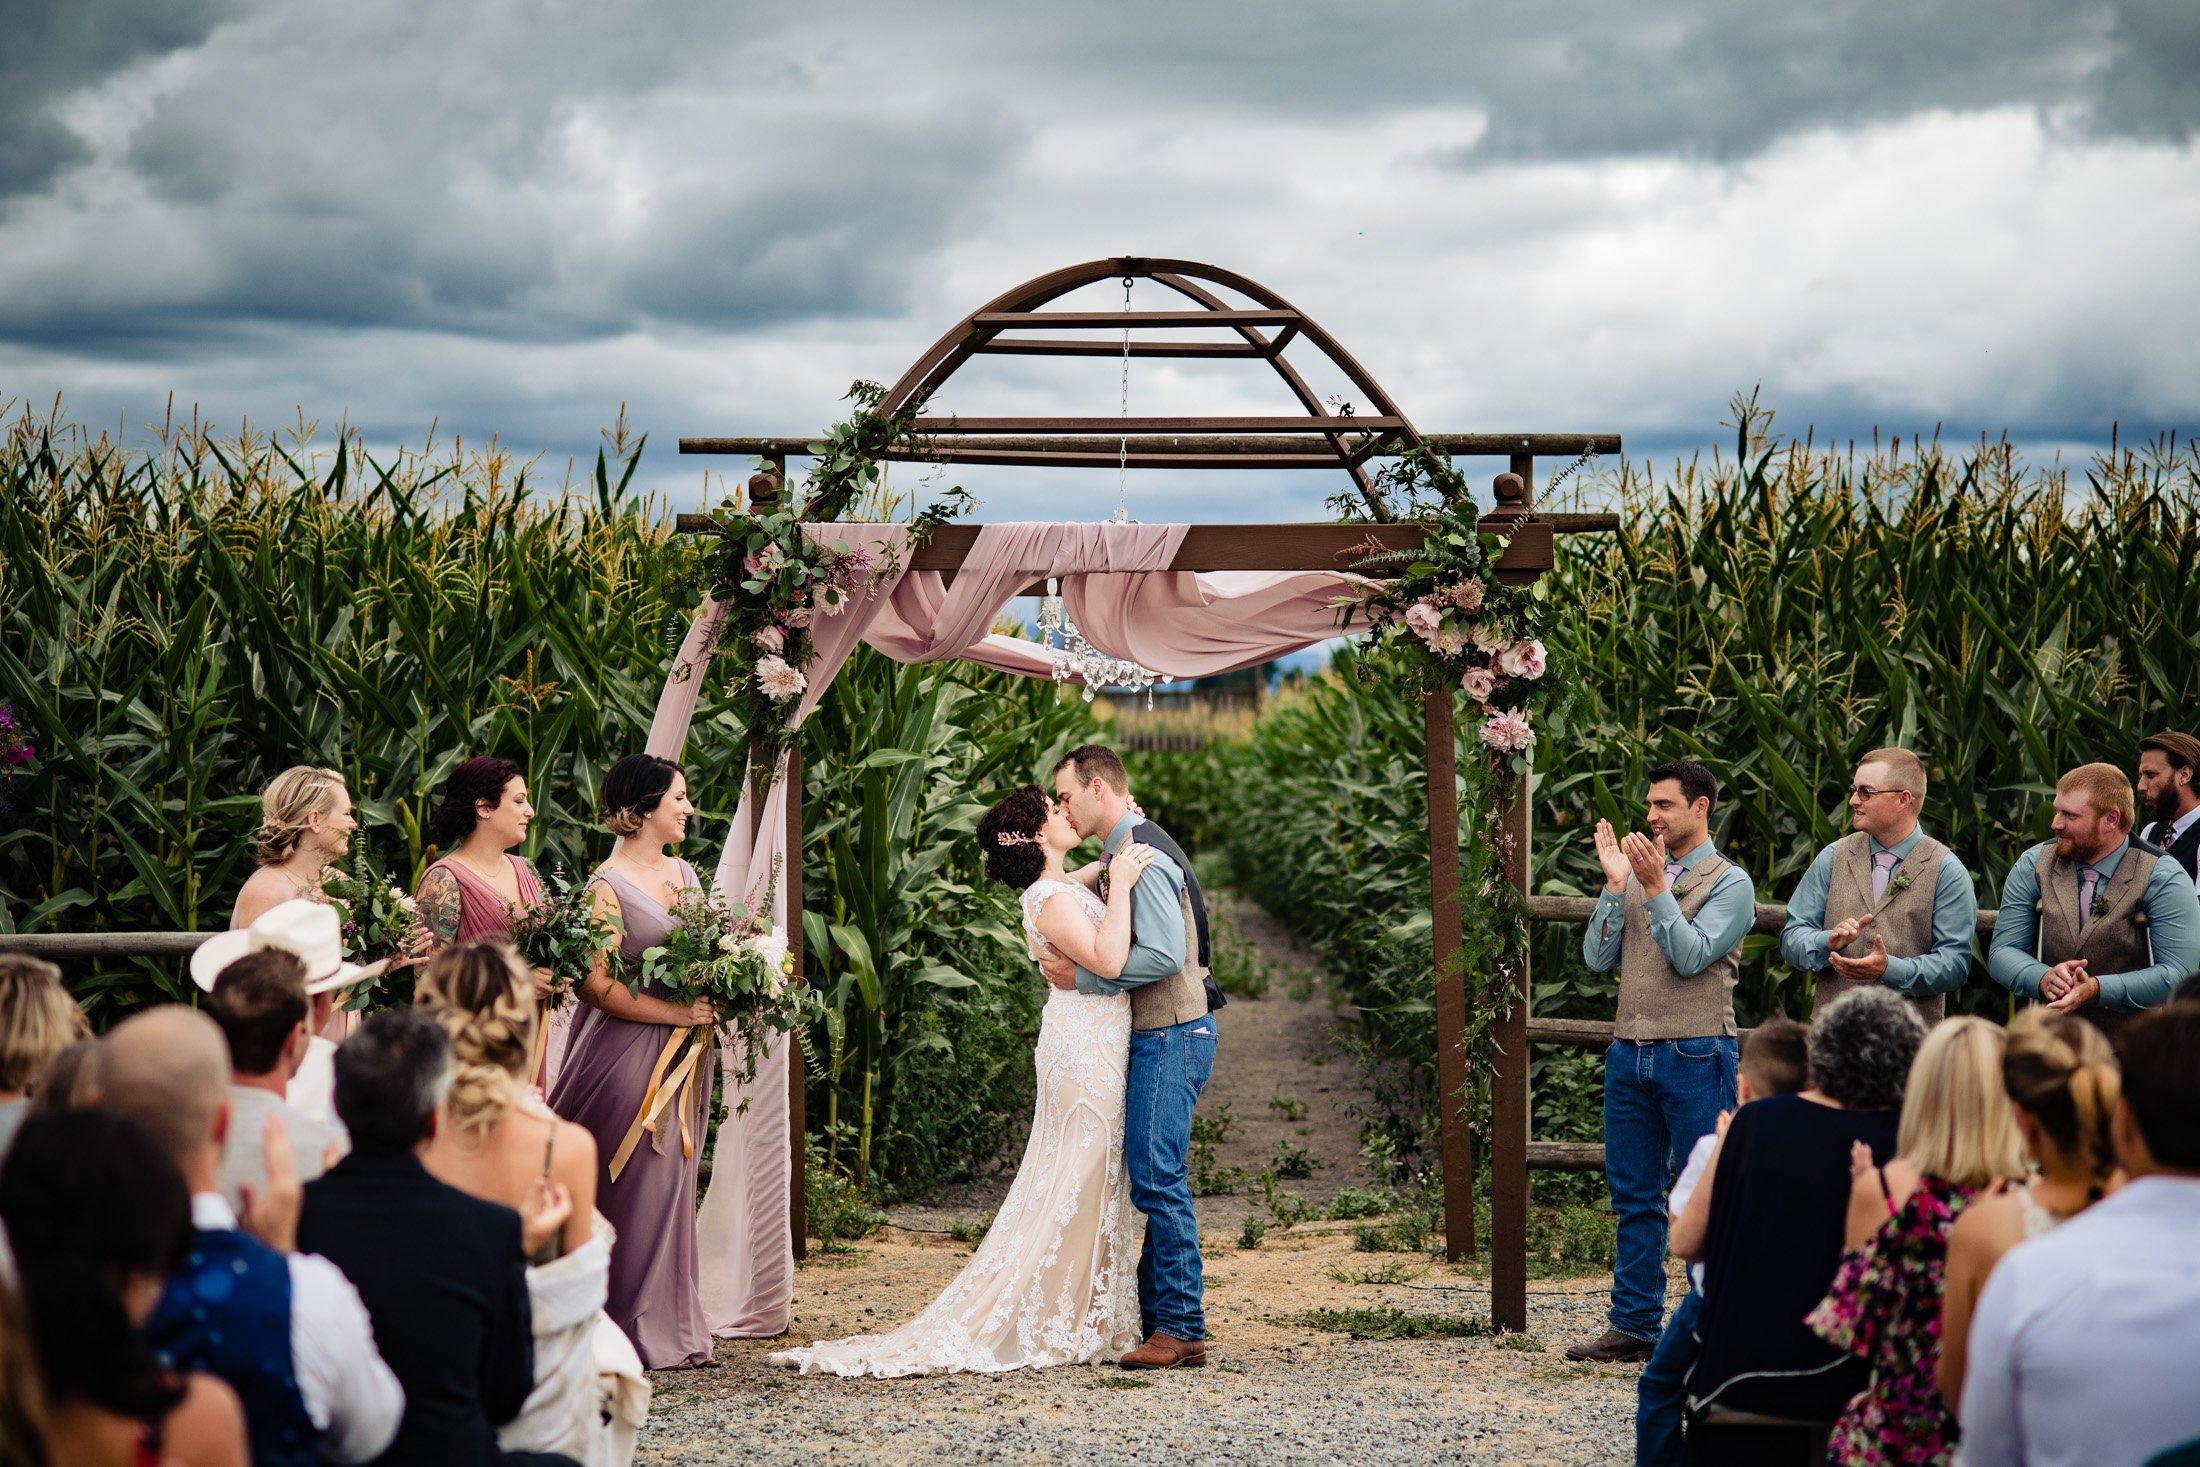 010 - outdoor ceremony in corn feild vancouver